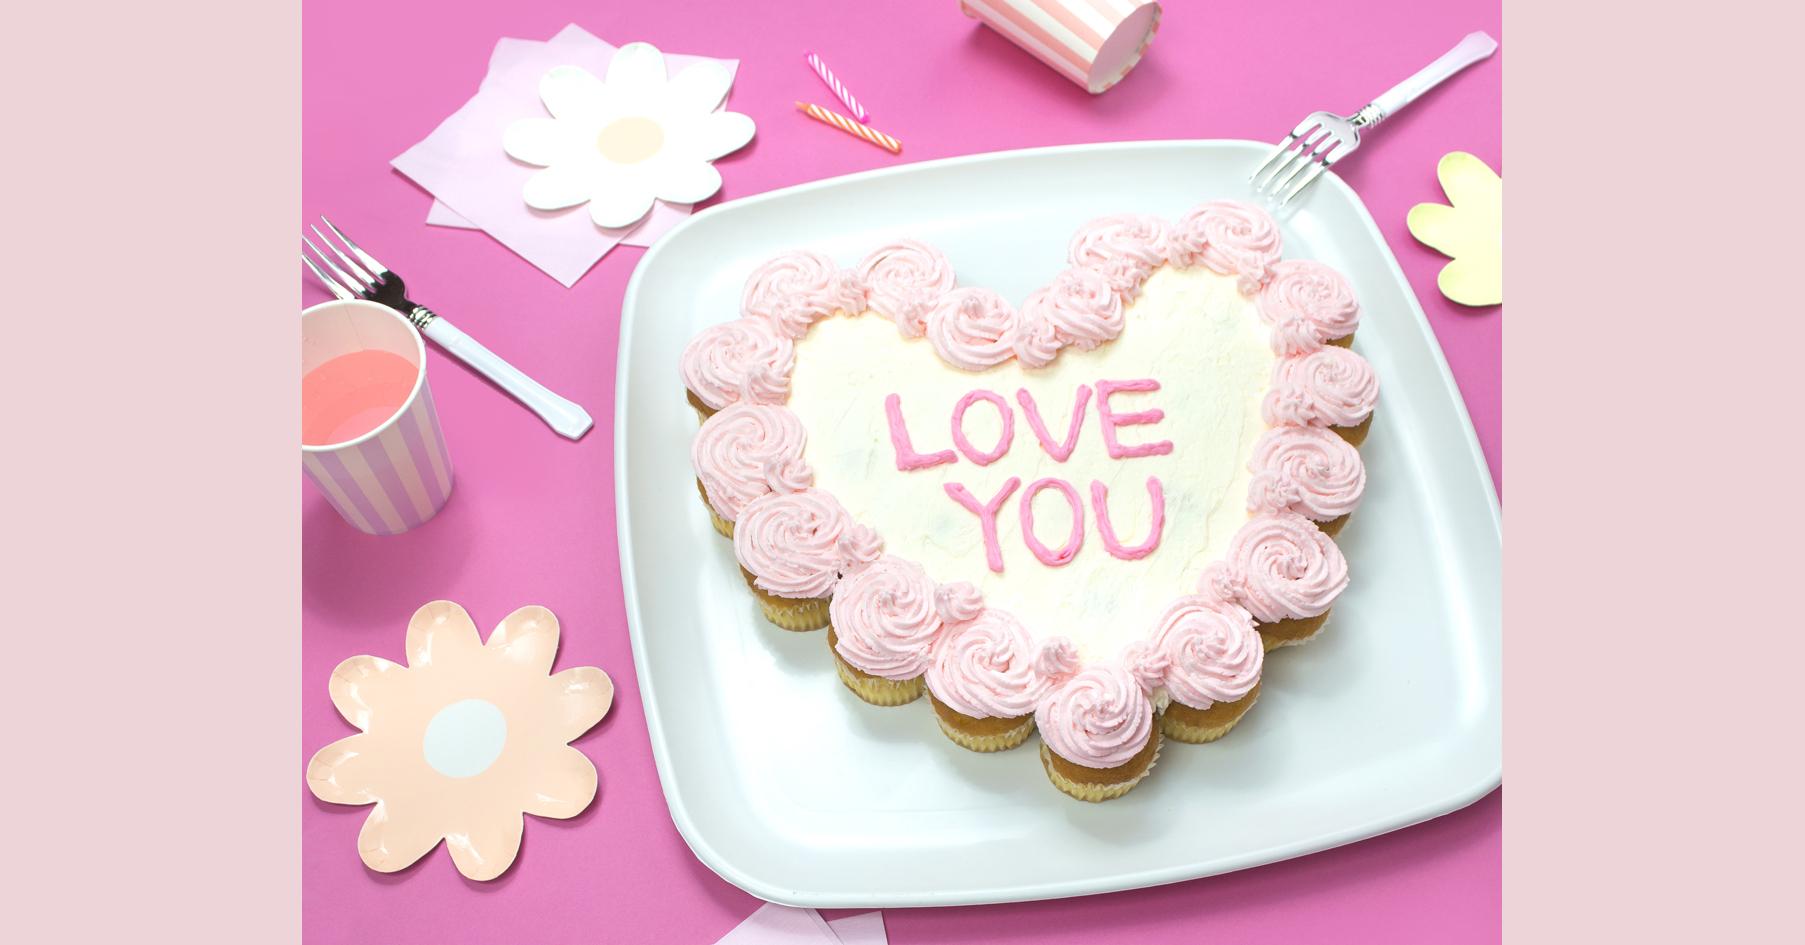 市販のカップケーキをバレンタインアレンジ!簡単プルアパートケーキの作り方